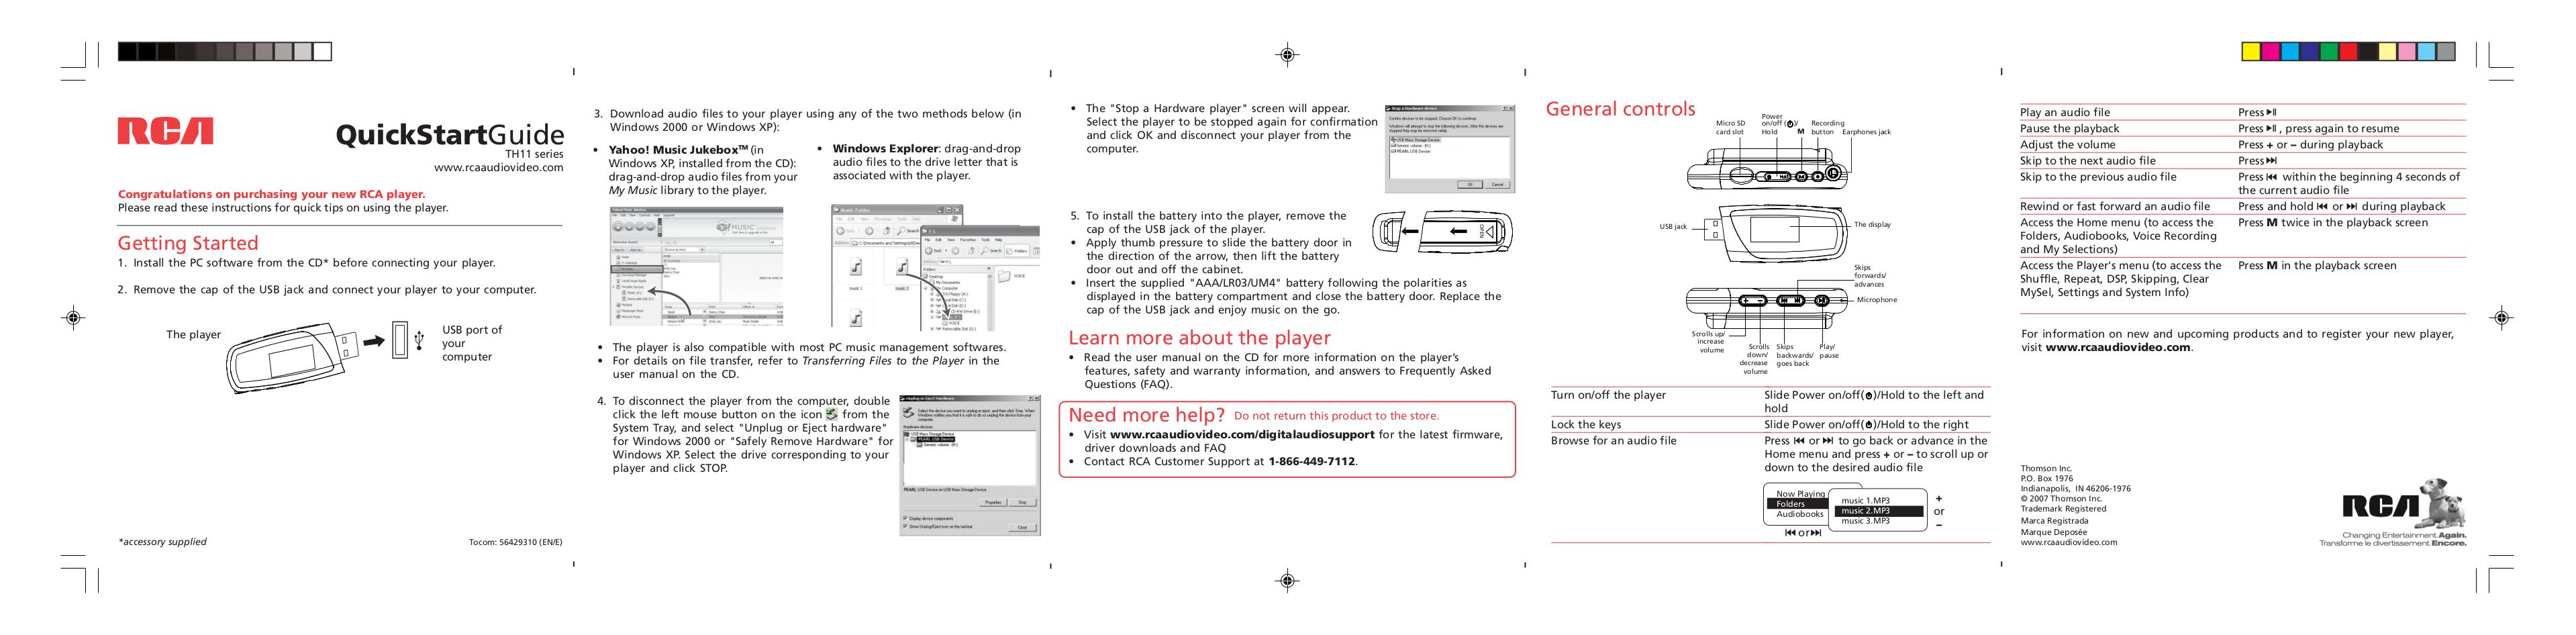 rca mp3 manual various owner manual guide u2022 rh justk co rca mp3 player manual 2014 rca mp3 player manual m6504